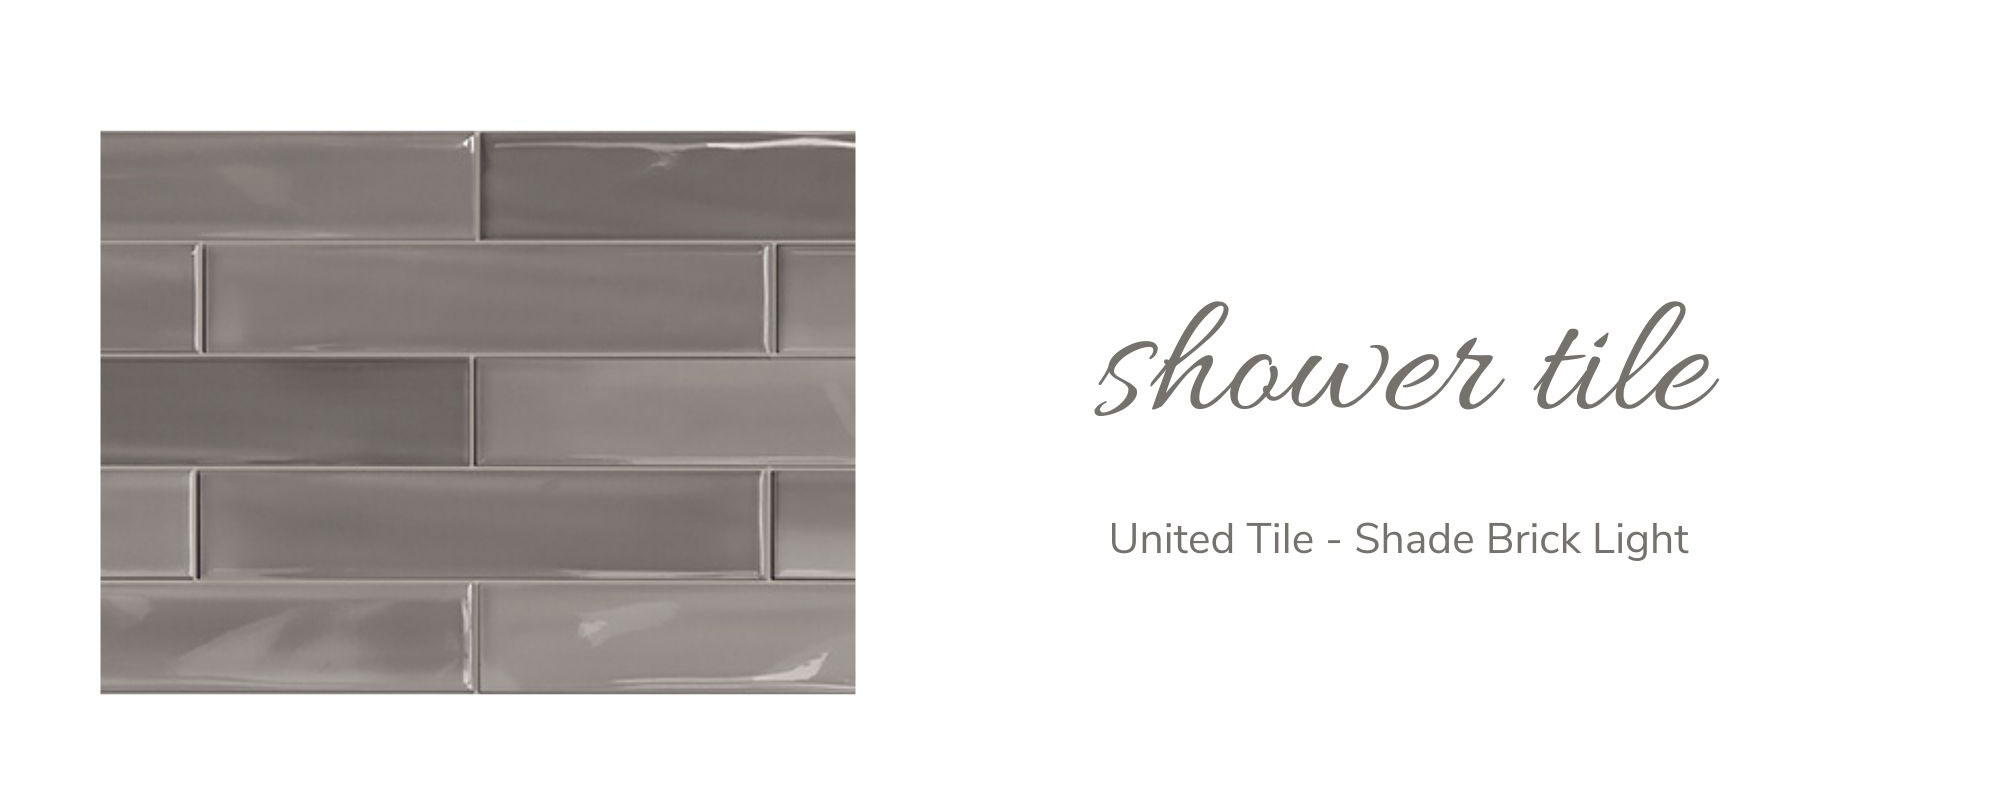 United Tile - Shade Brick Light Shower Tile